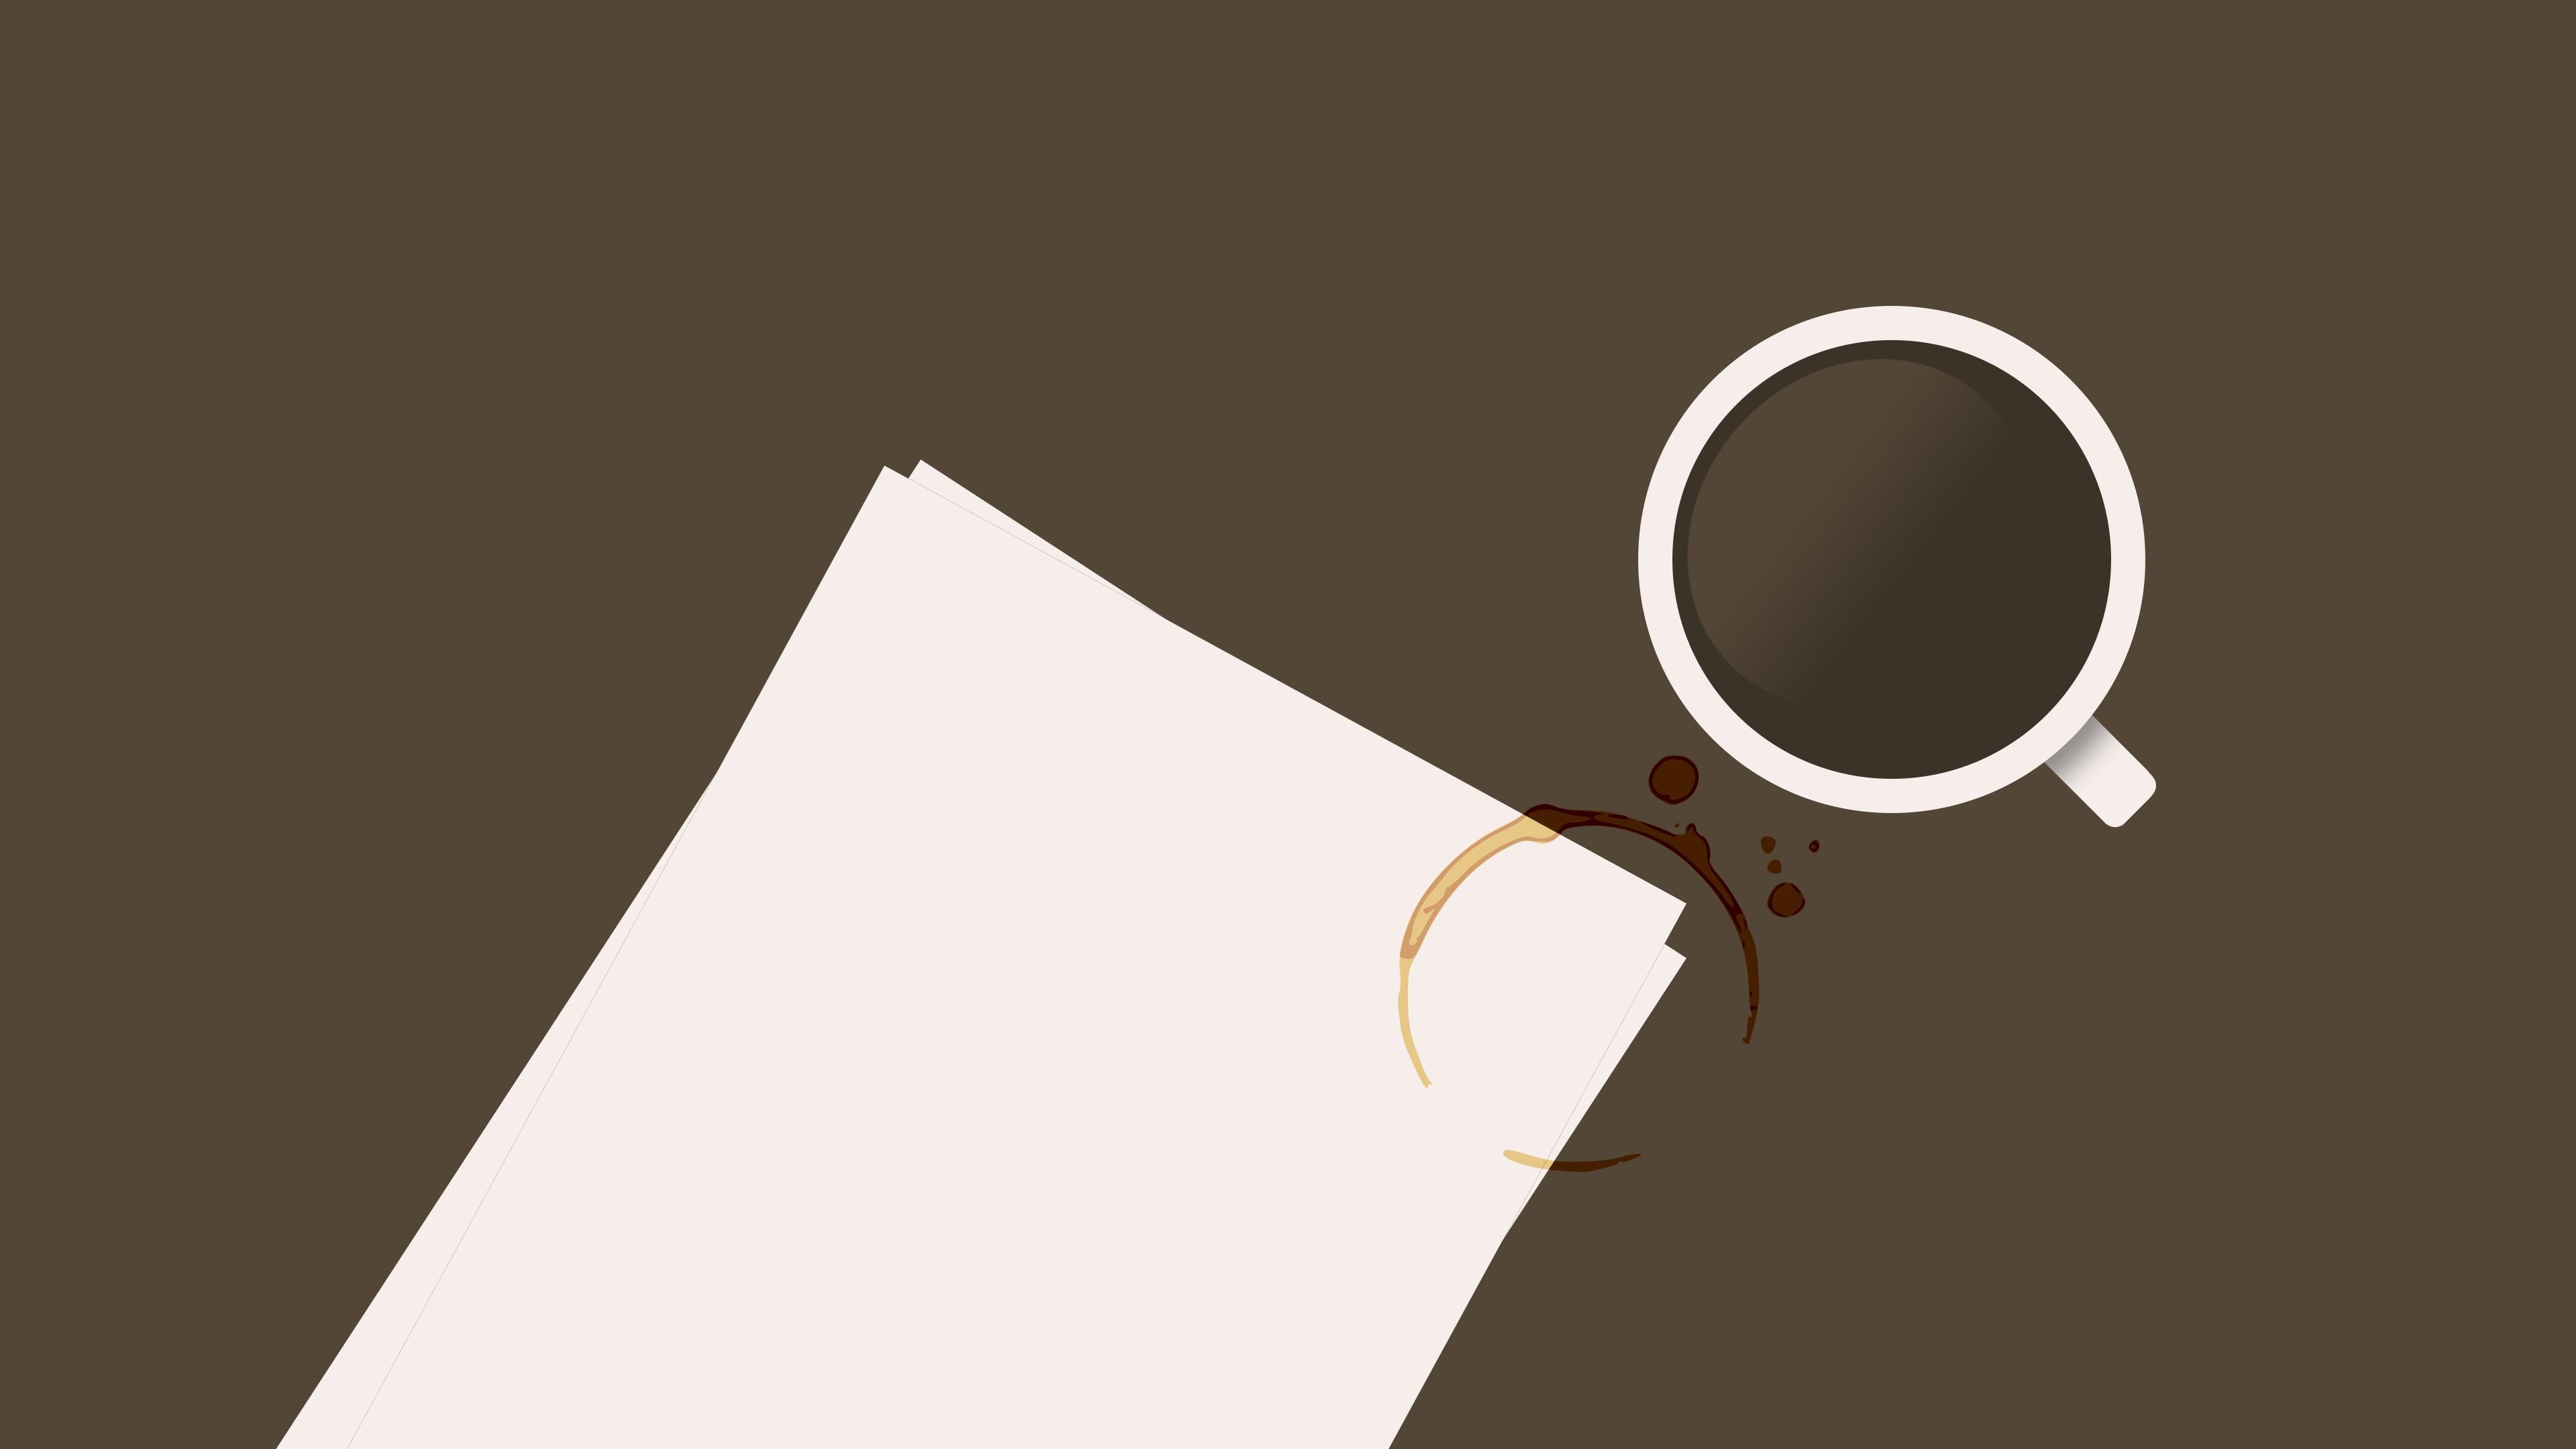 デスクトップ壁紙 3840x2160 Px コーヒー 机 紙 汚れ 3840x2160